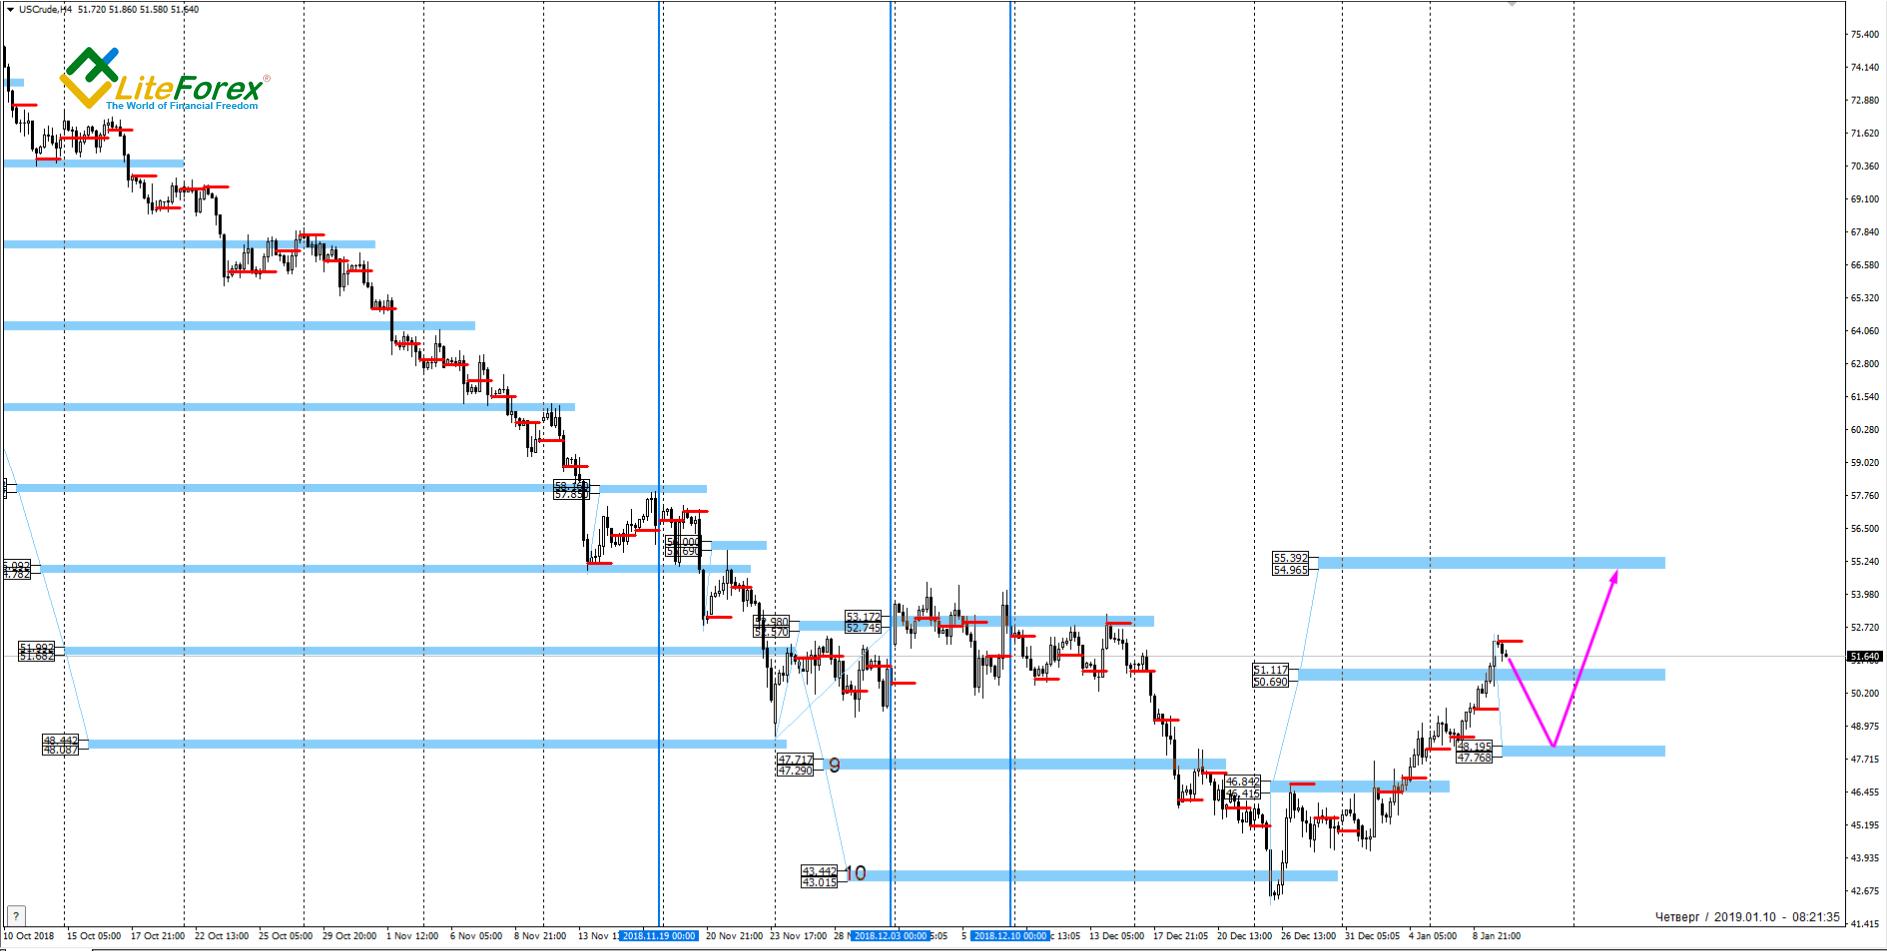 US Crude, 4 Hour Chart